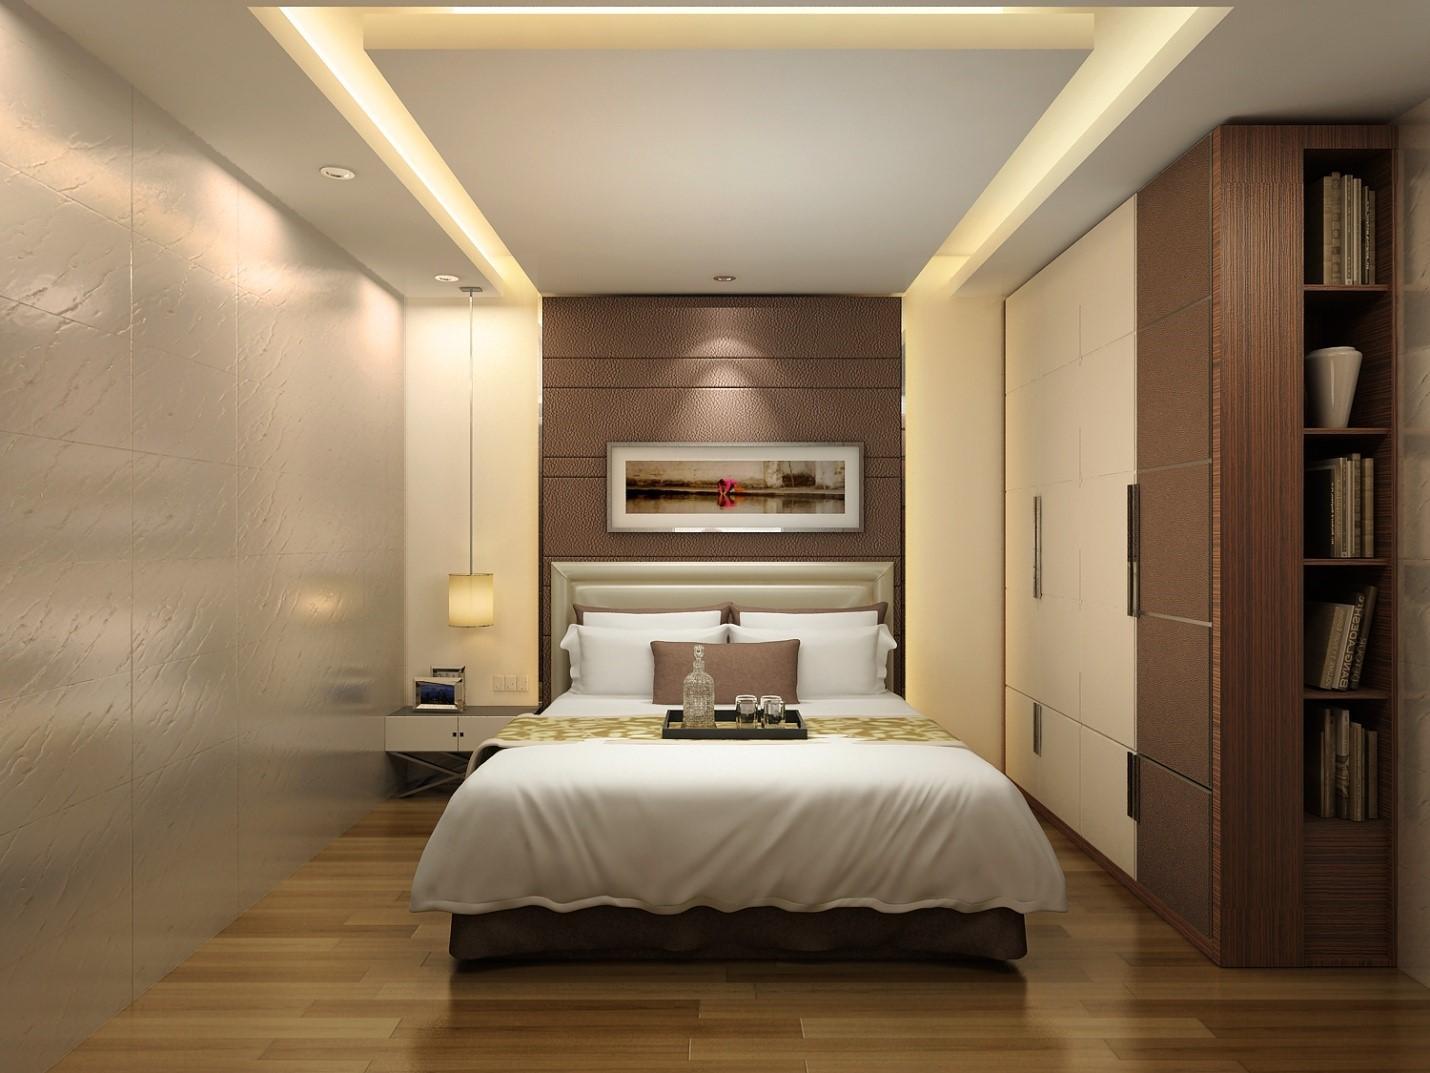 Thiết kế và thi công nội thất nhà phố đường Trần Đại Nghĩa